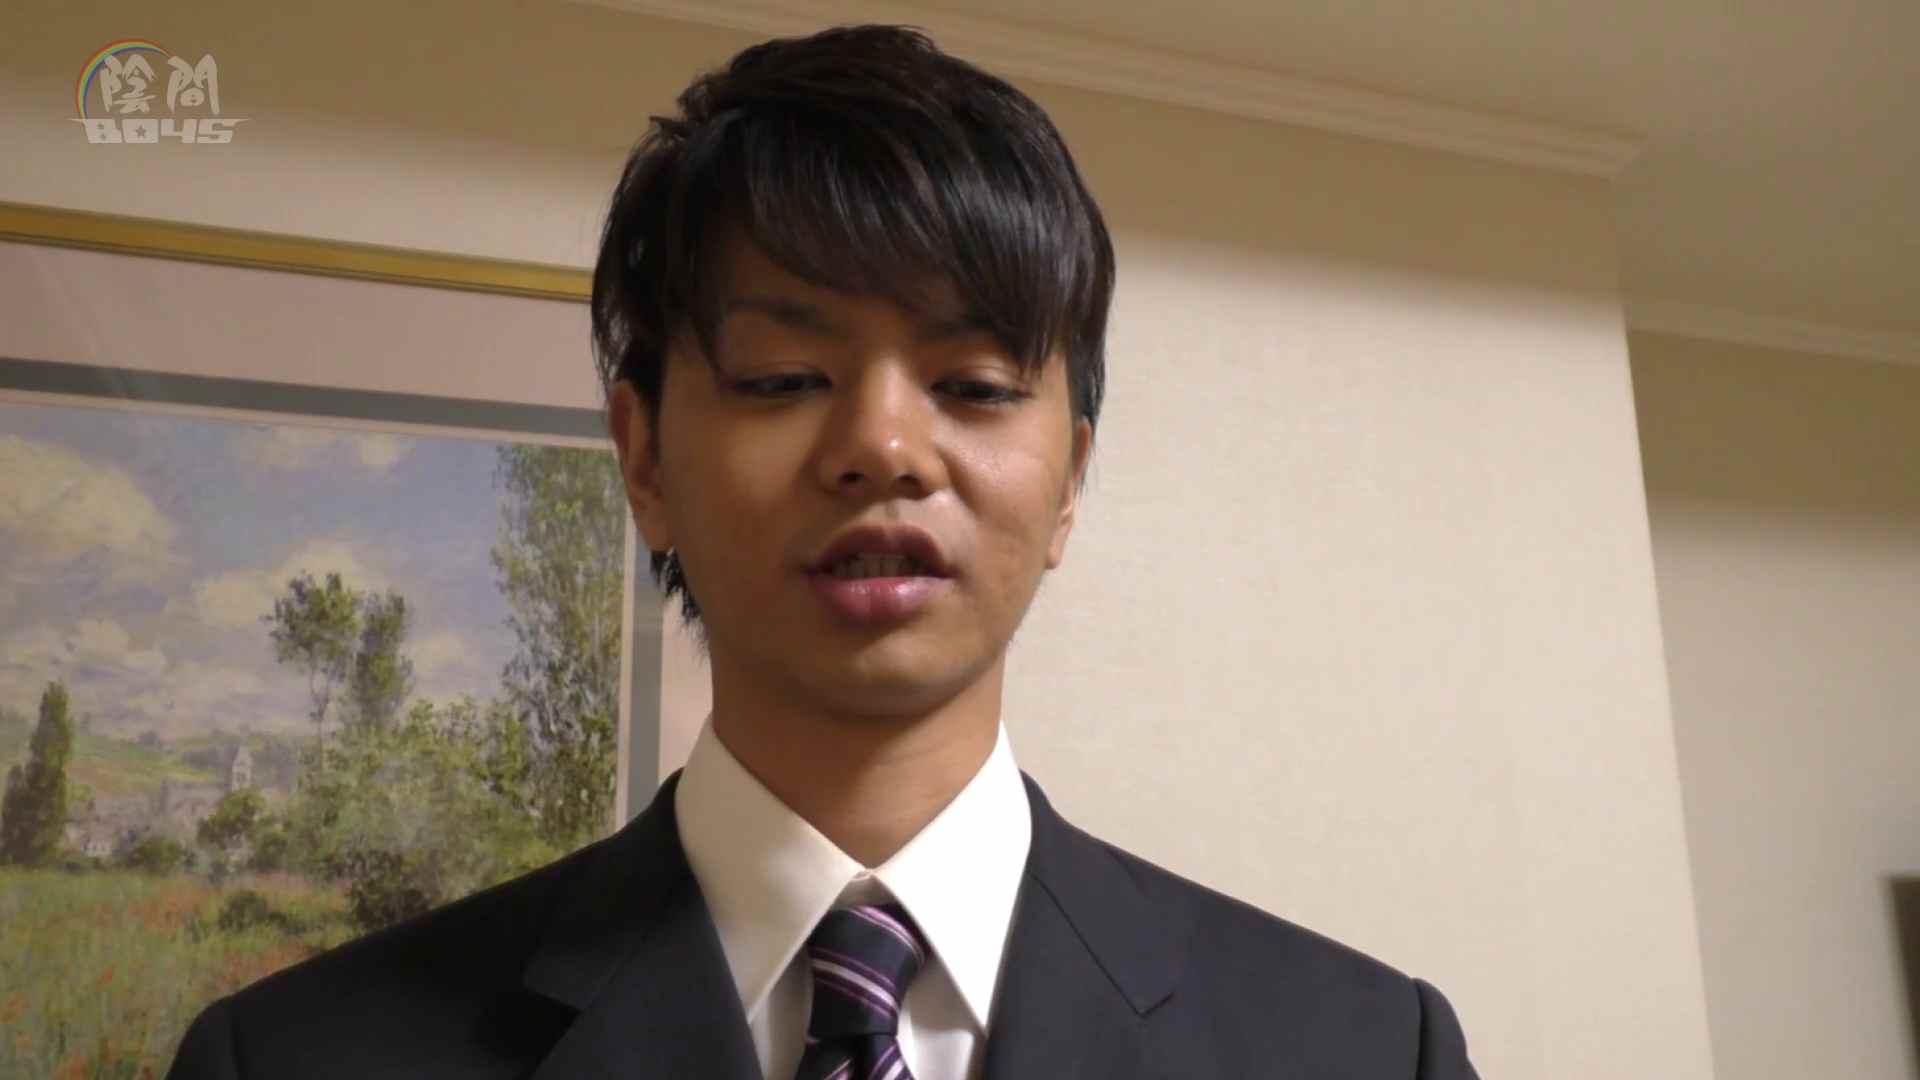 キャバクラの仕事はアナルから6  ~アナルの囁き~Vol.02 手コキ AV動画 70pic 15